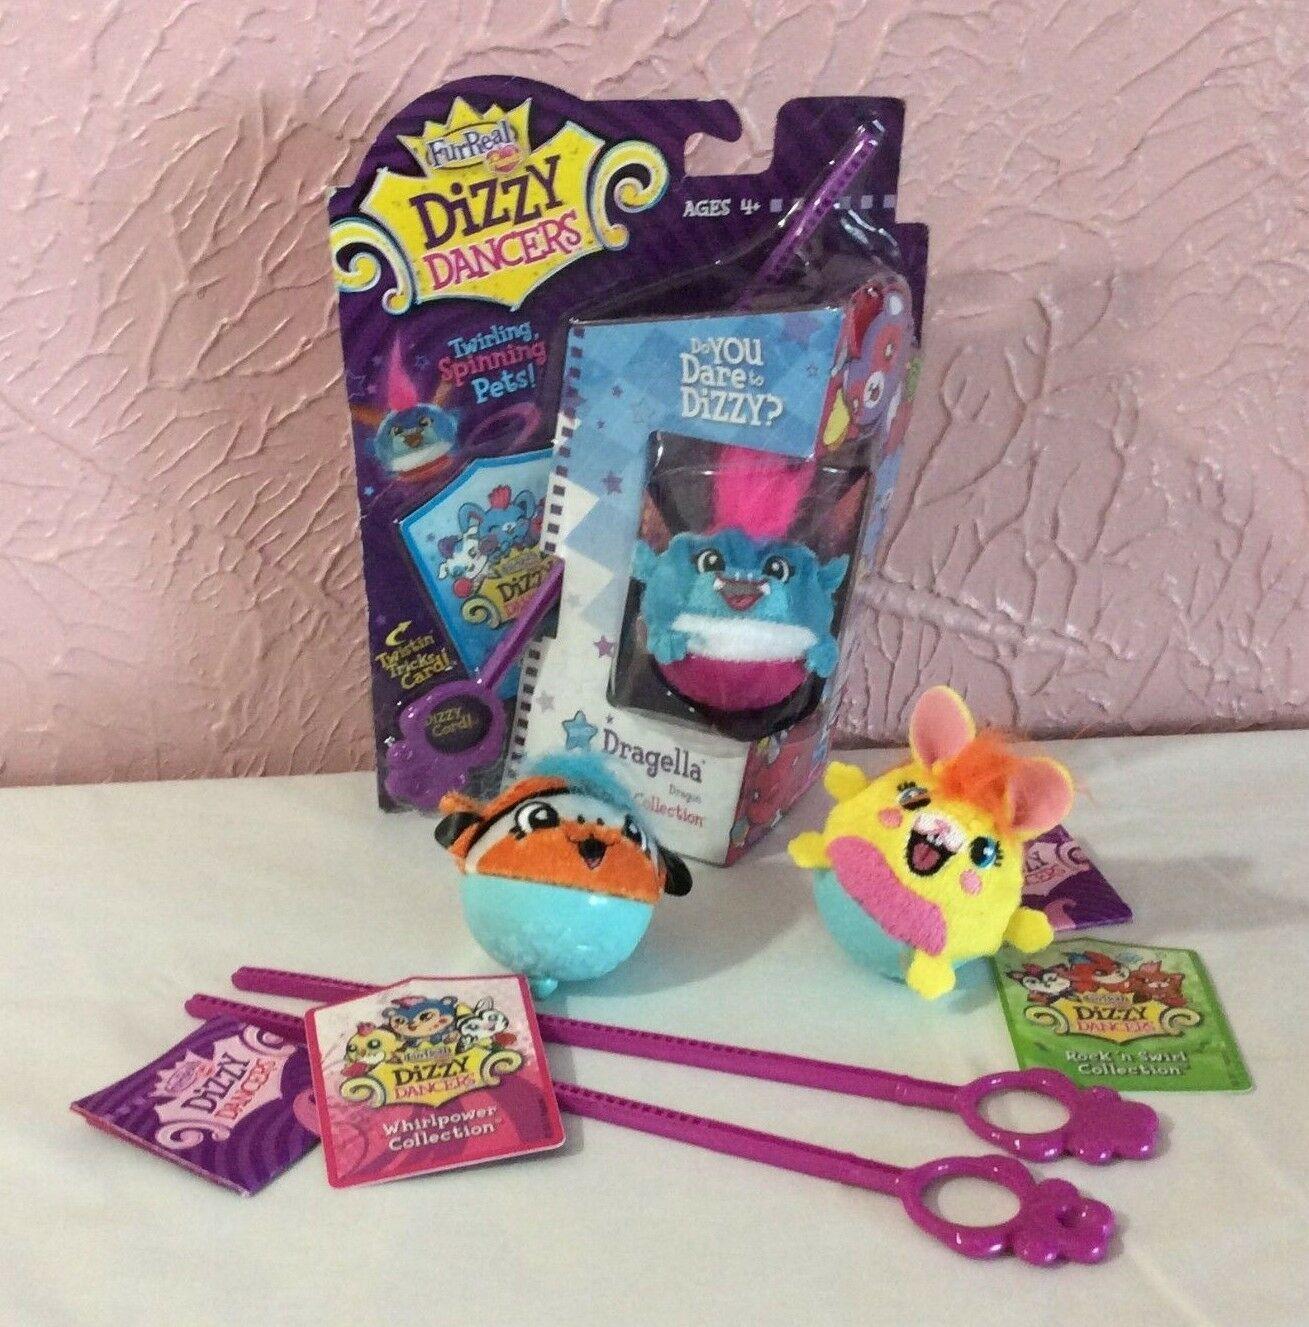 Lot 3 FurReal Friends Dizzy Dancers Twirlicious Whirlpower Rock n Swirl Kids Toy - $3.85